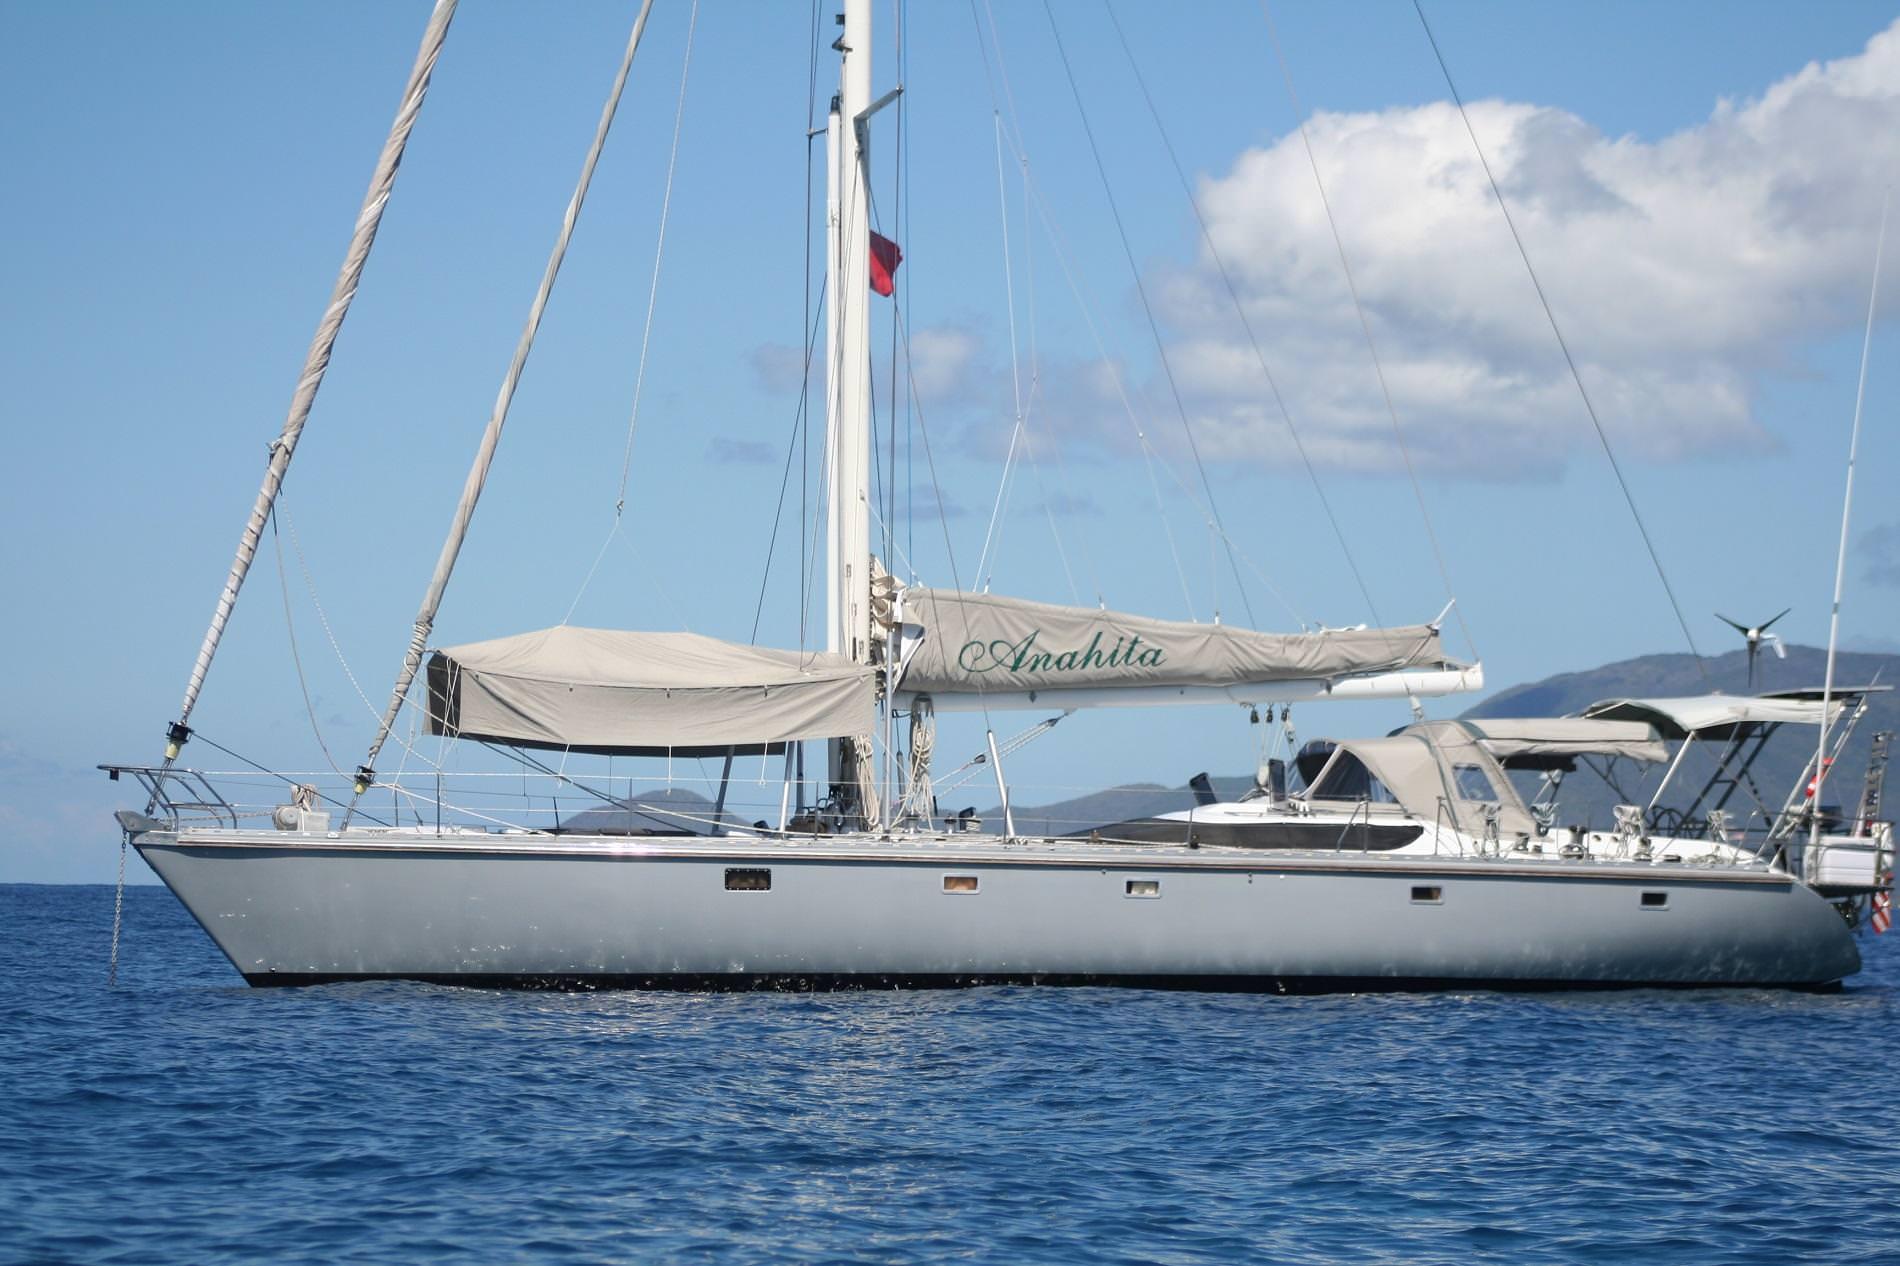 Main image of ANAHITA yacht